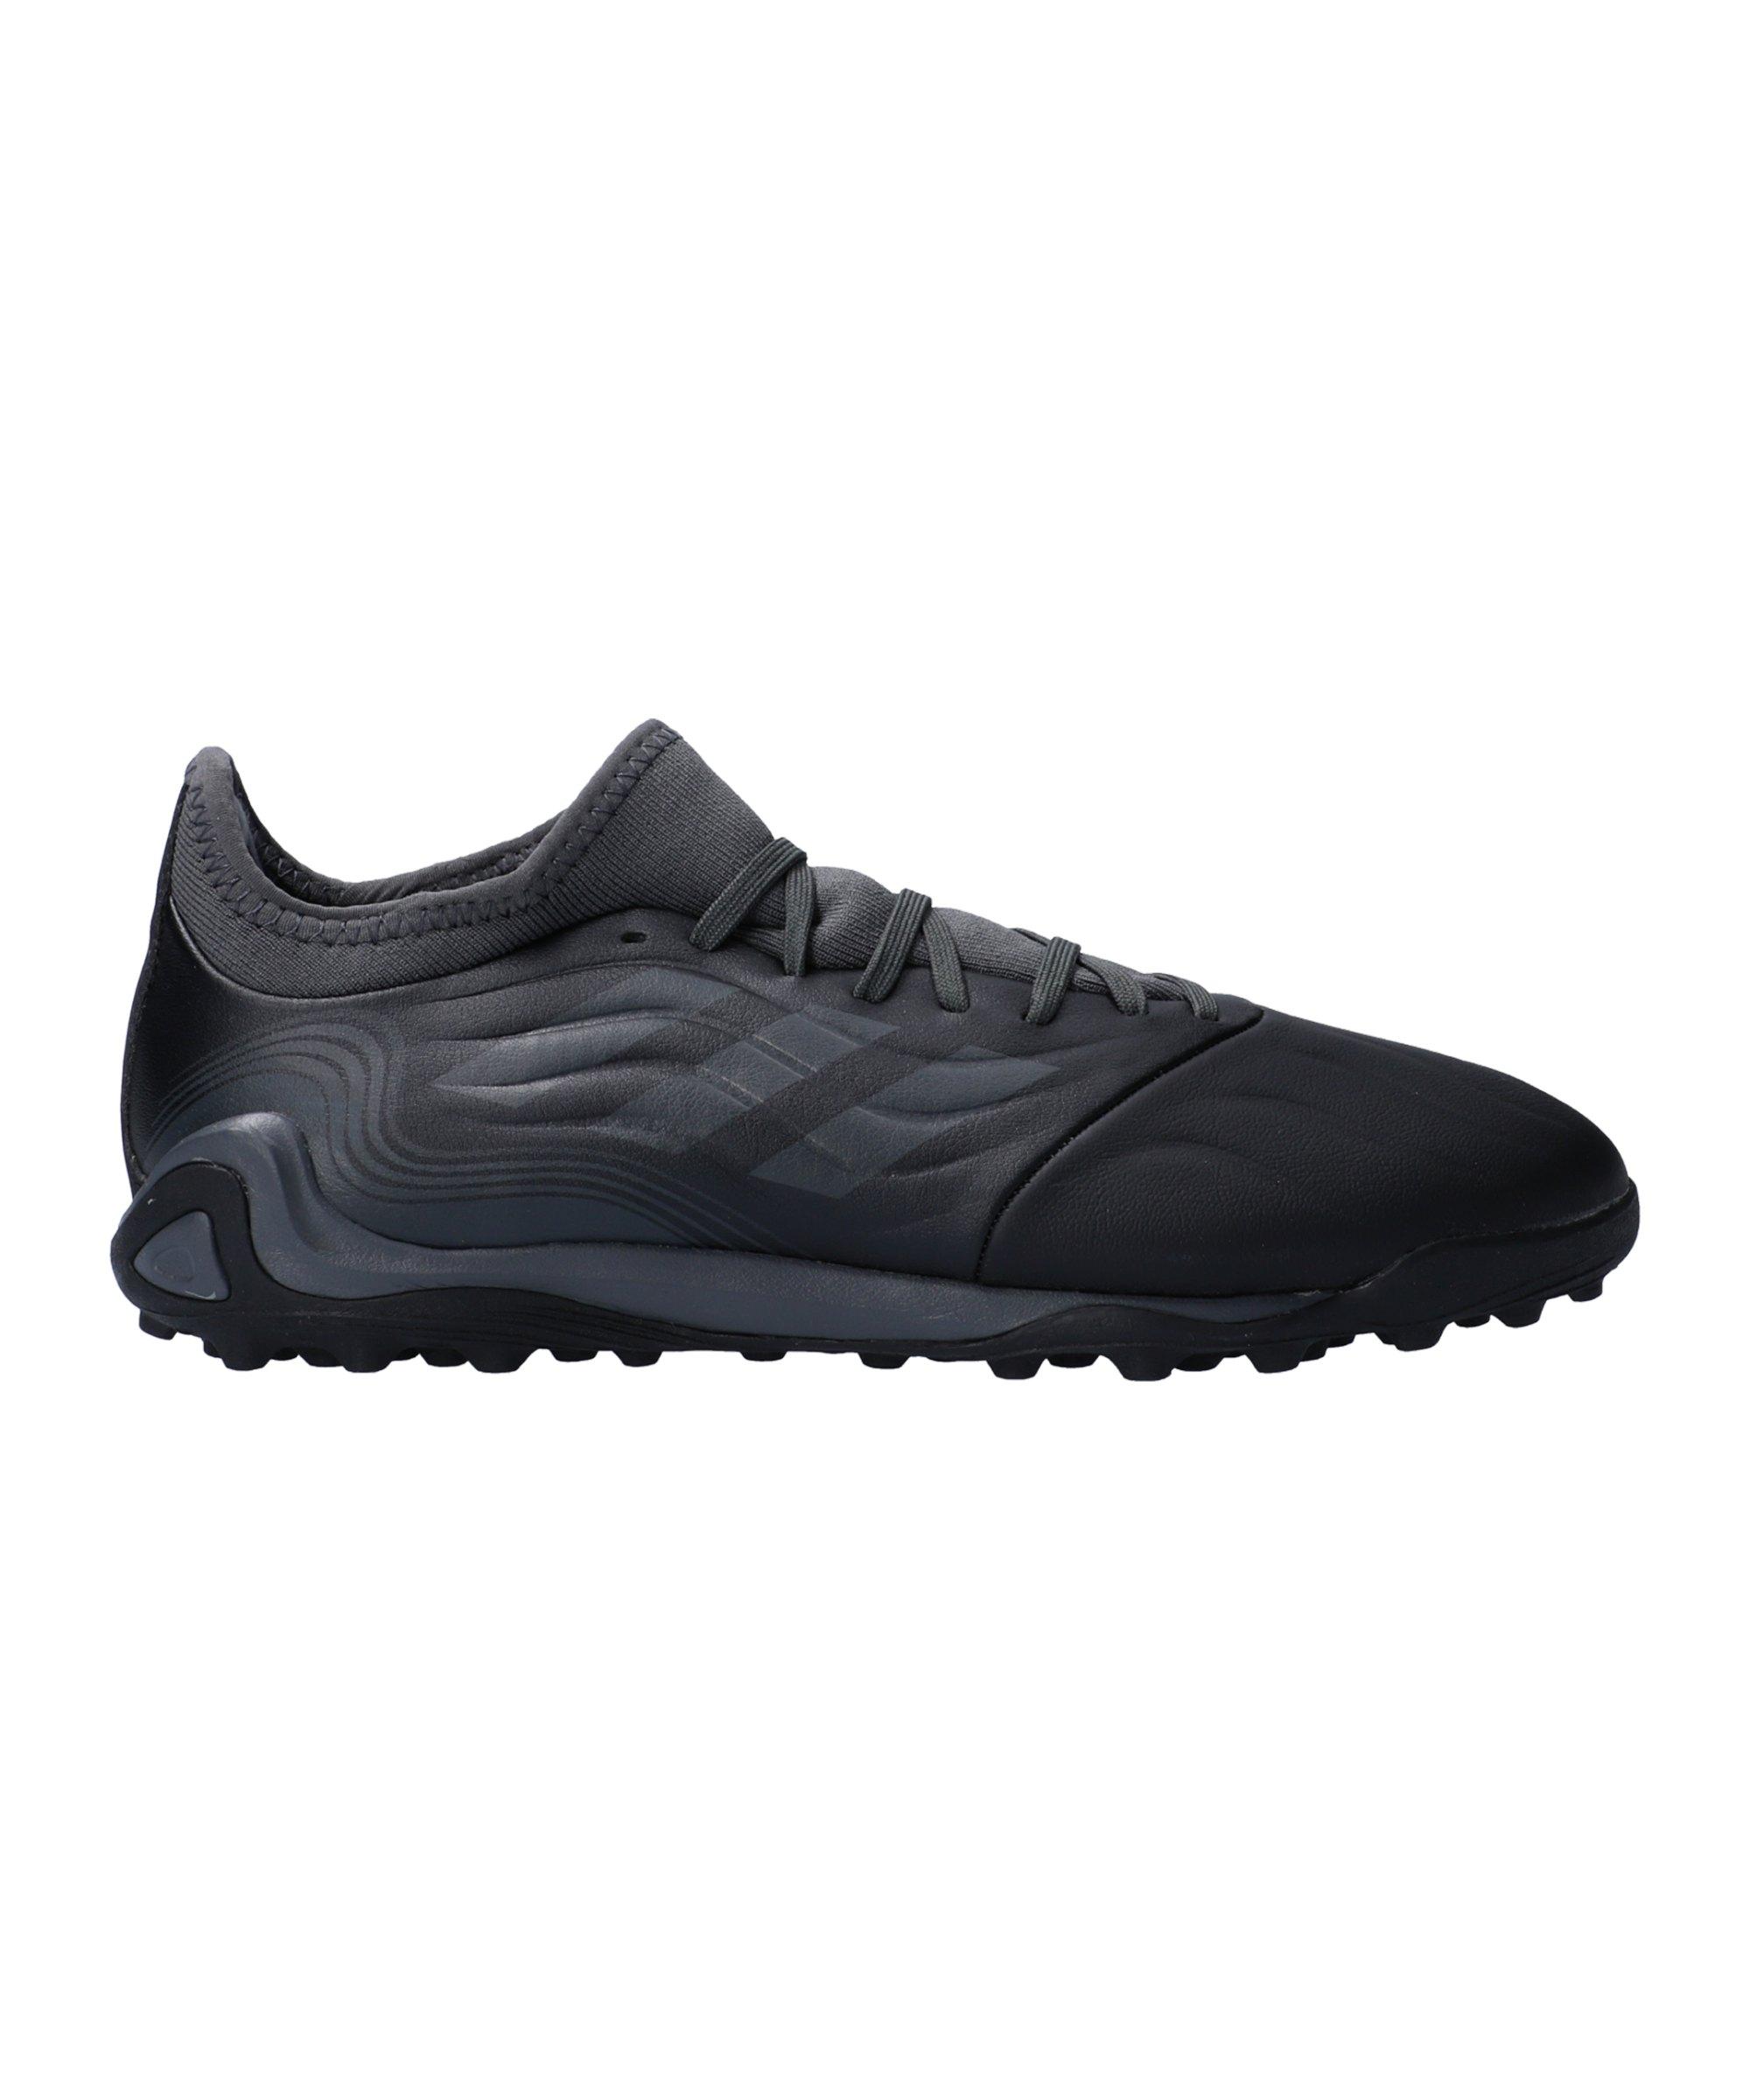 adidas COPA SENSE.3 Superstealth TF Schwarz Grau - schwarz